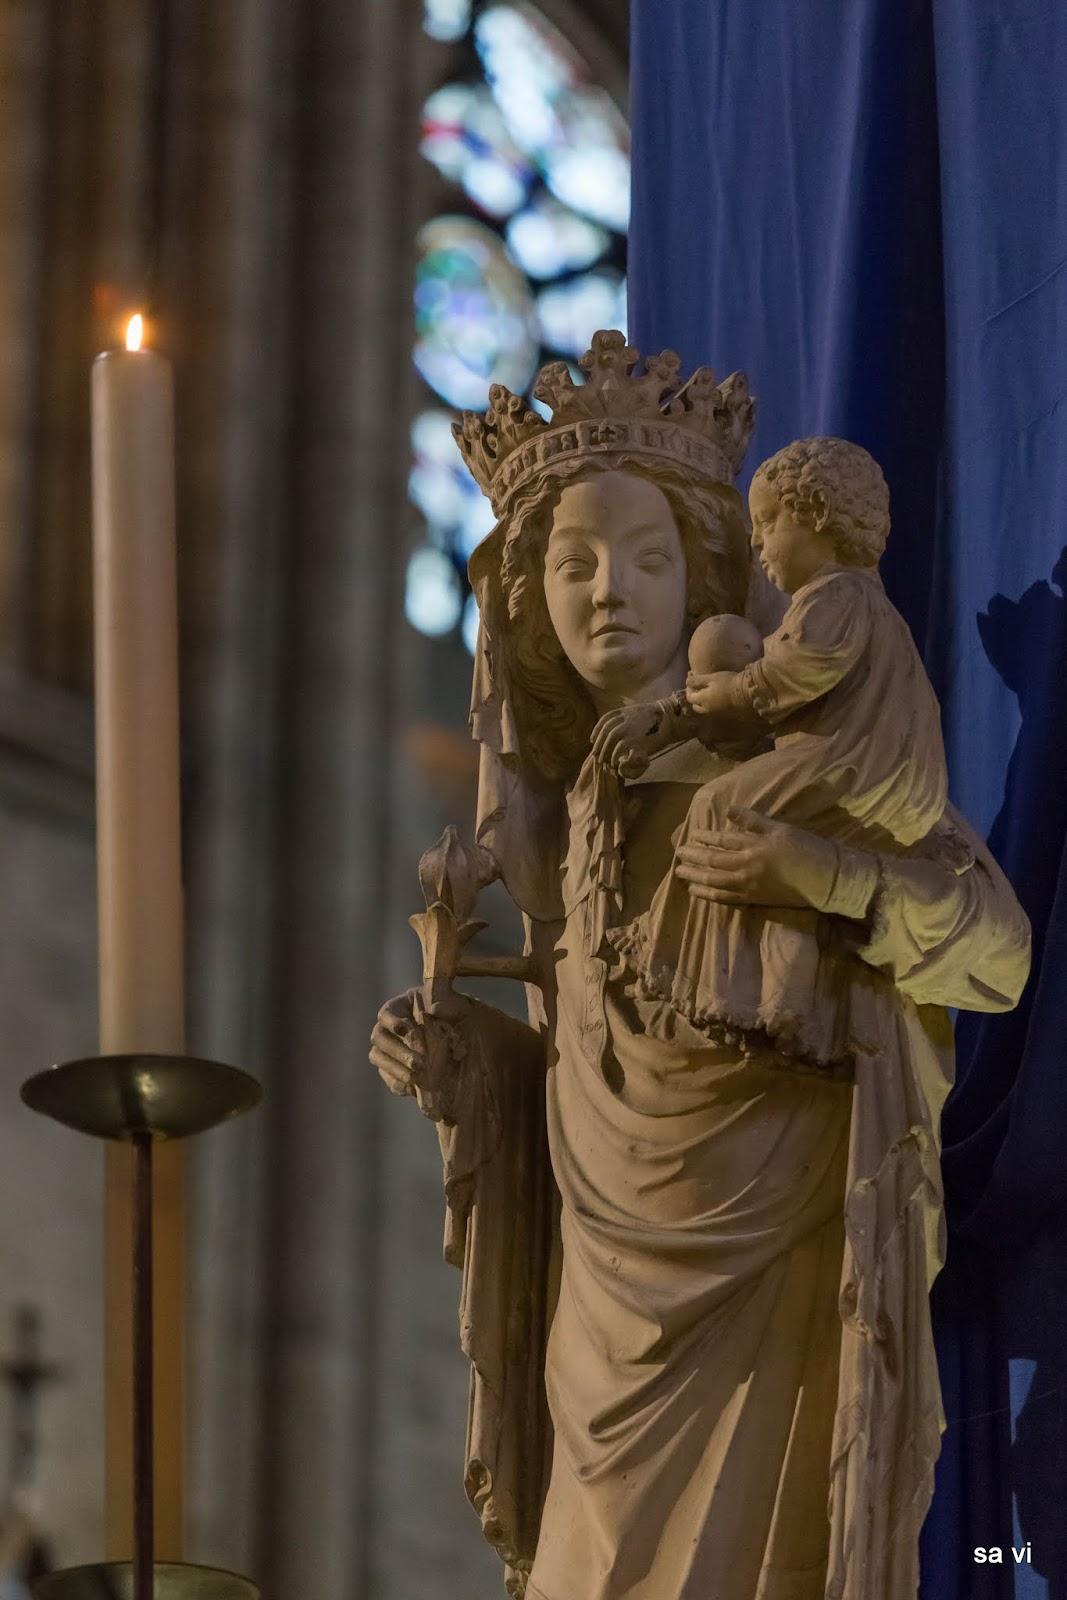 Gedanken Die Allerheiligste Jungfrau Maria, Knigin des